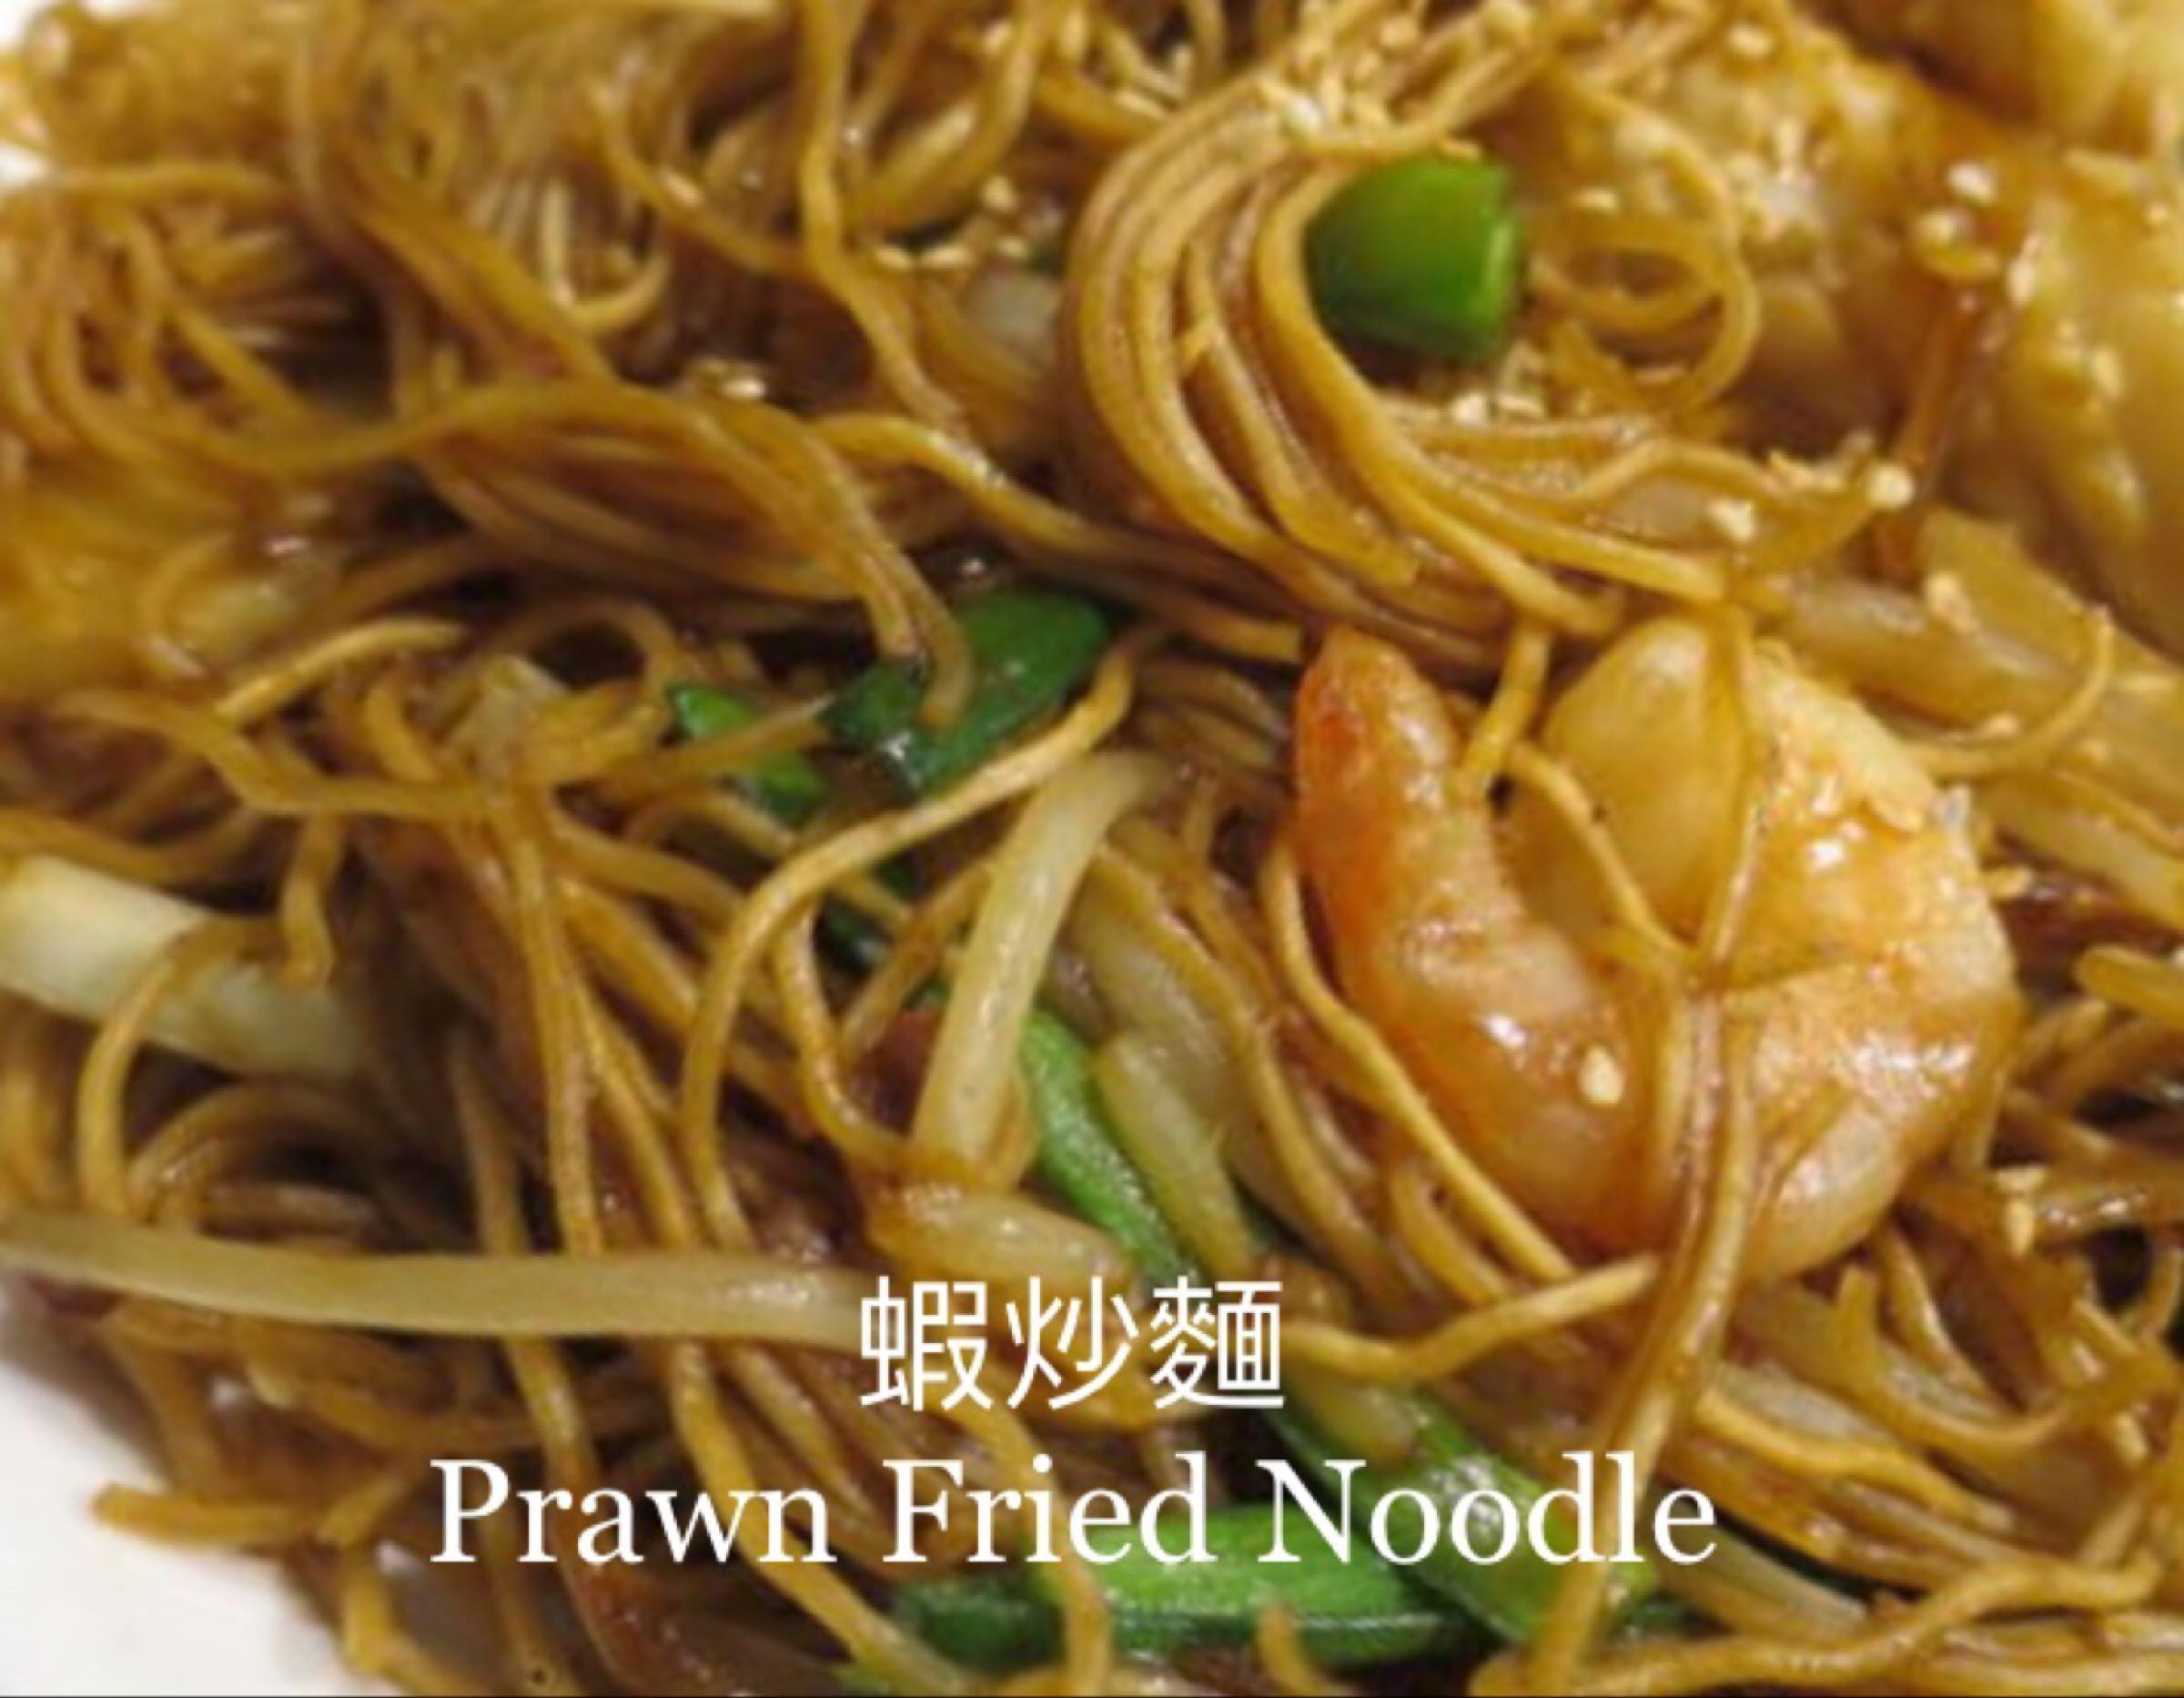 蝦炒麵 Prawn Fried Noodle